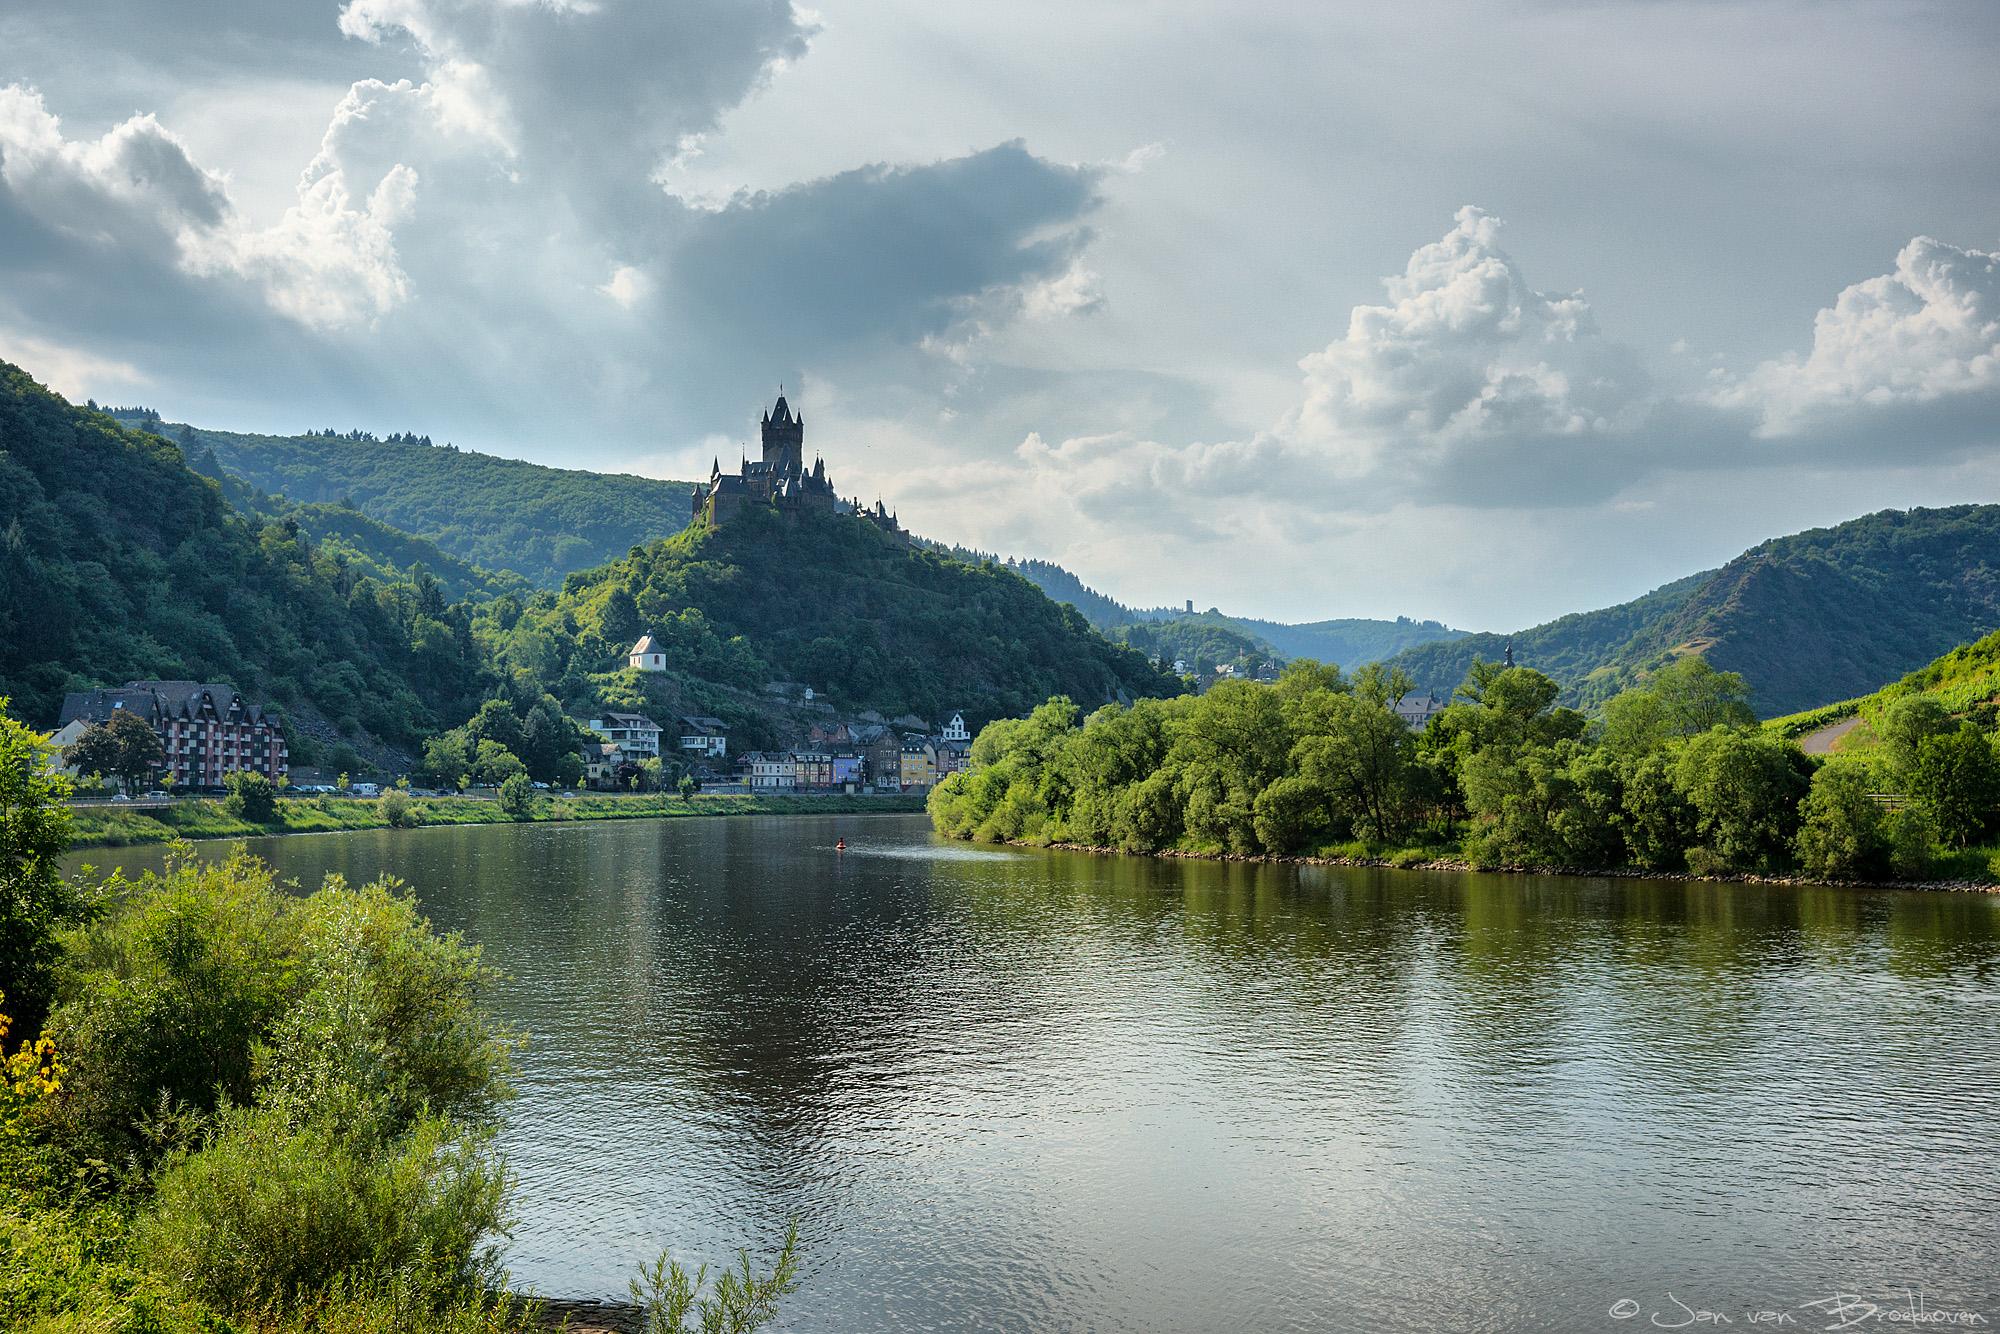 Moezel – Duitsland